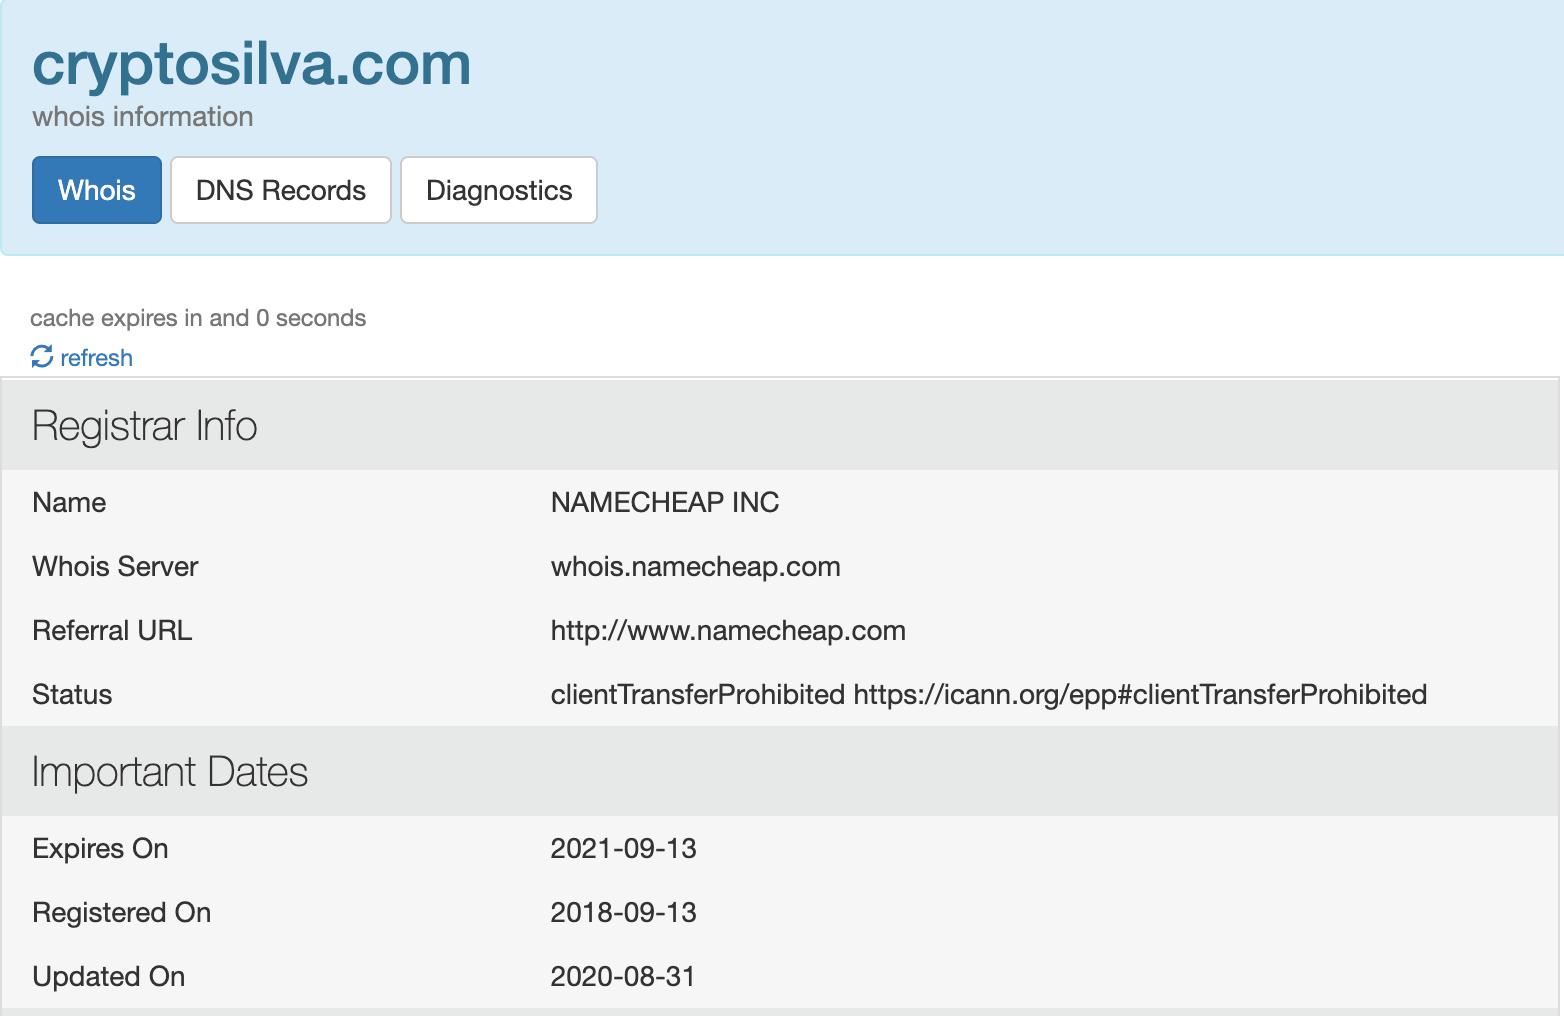 Crypto Silva Domain